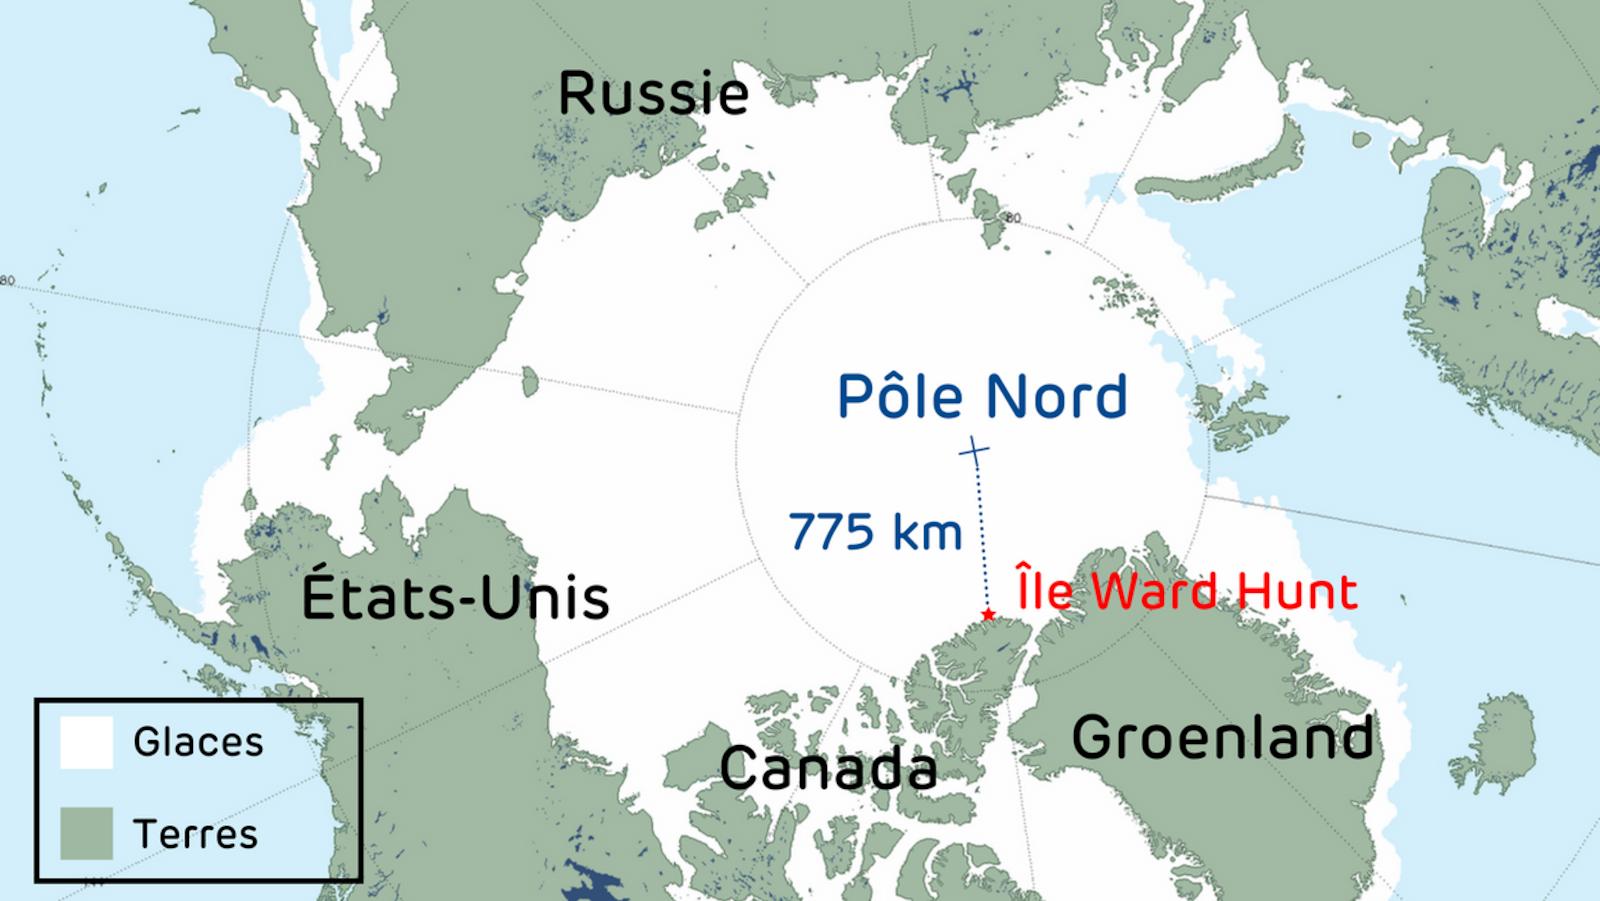 Plusieurs pays revendiquent leur souveraineté sur le pôle Nord, dont le Canada.